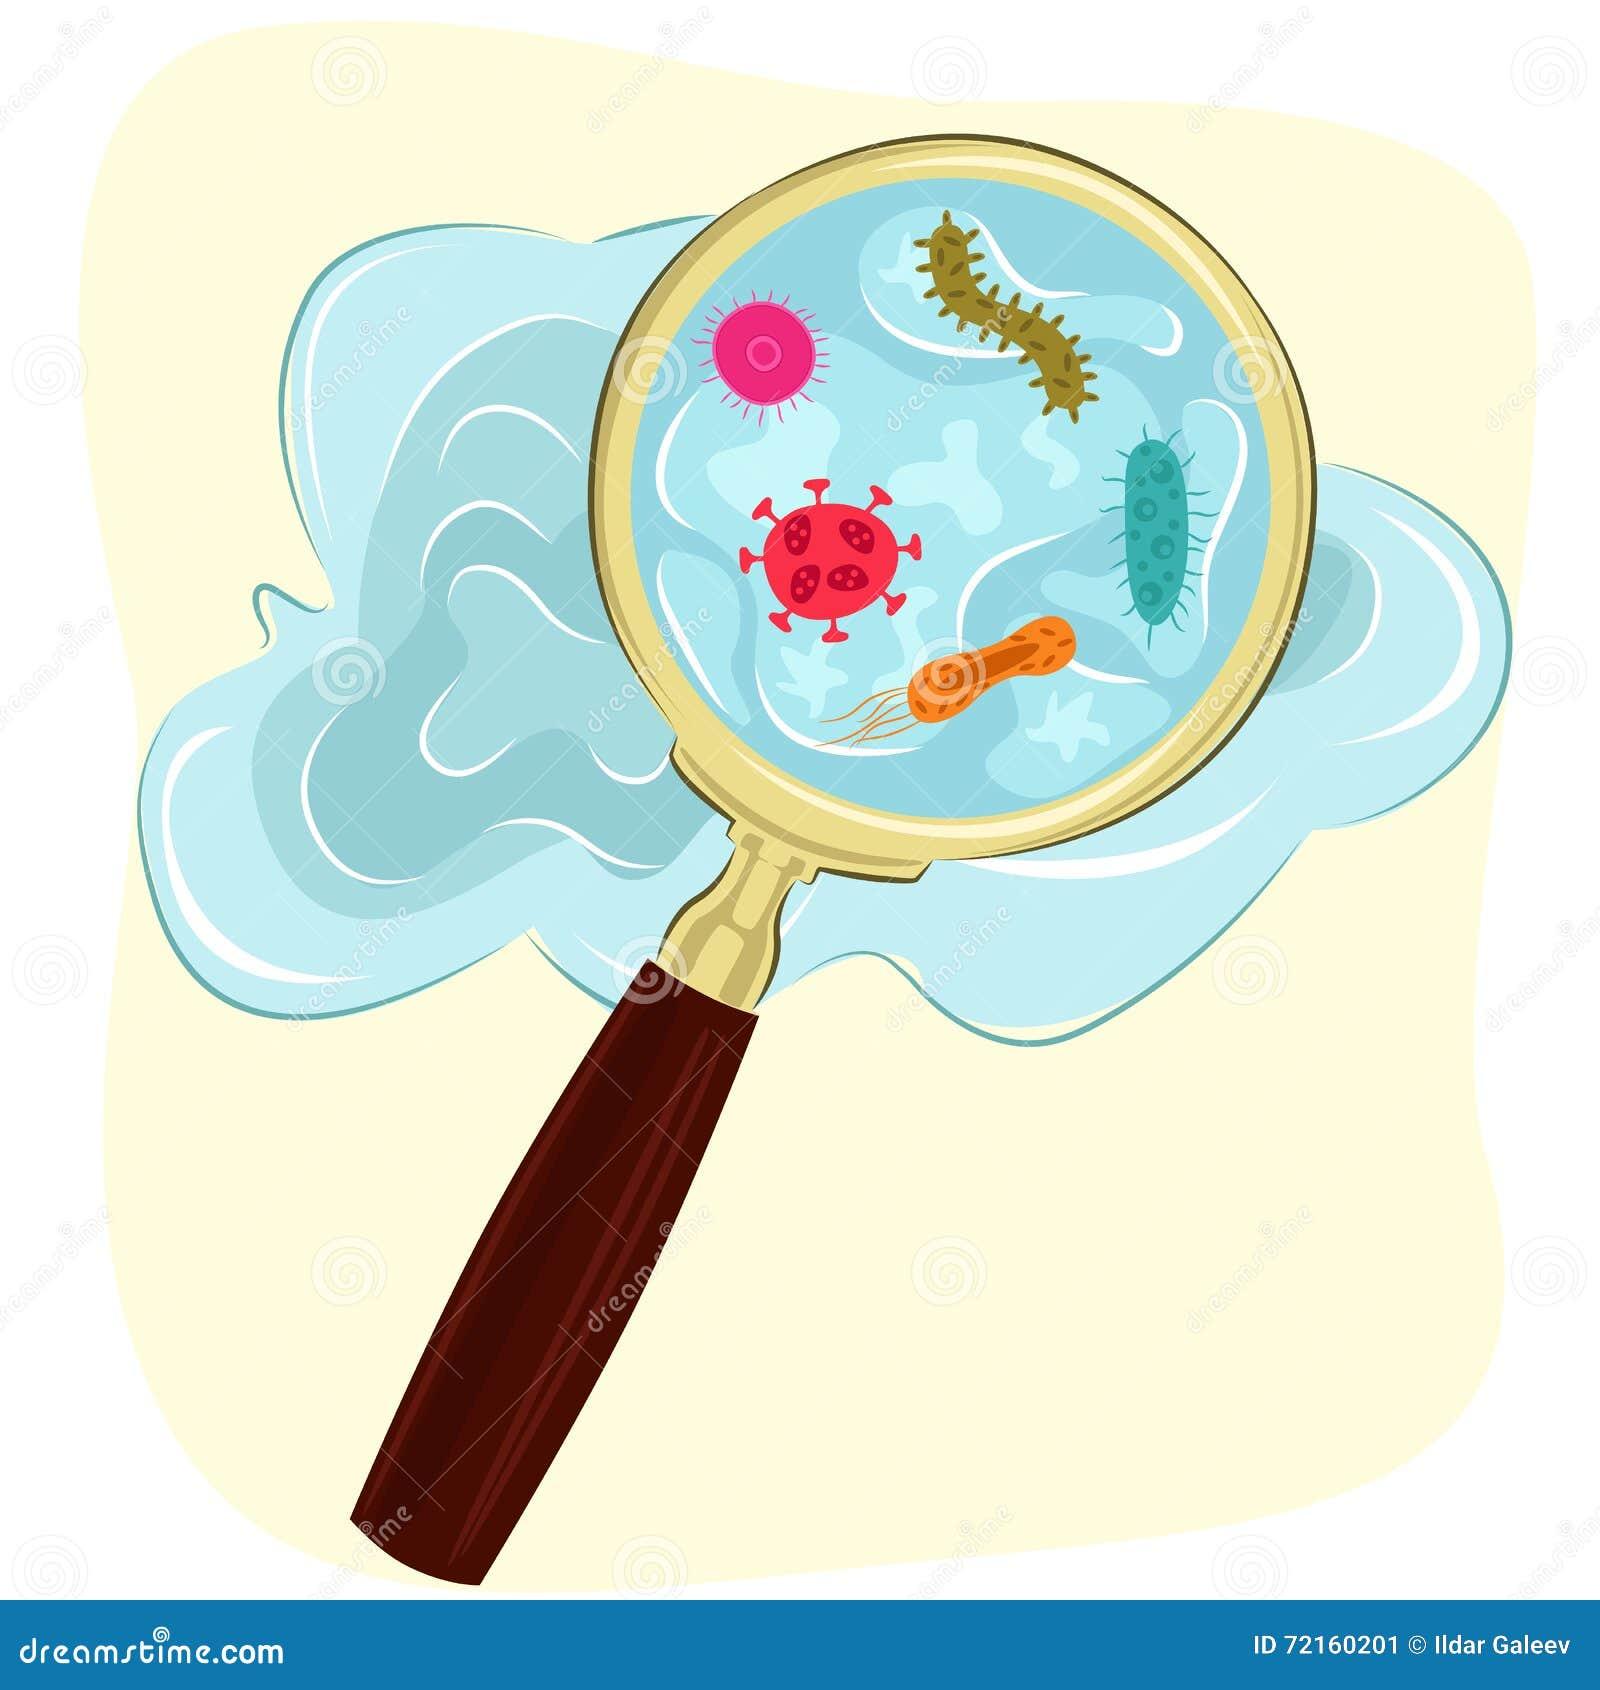 Μικρόβια, βακτηρίδια και κύτταρα ιών στο νερό κάτω από μια ενίσχυση - γυαλί